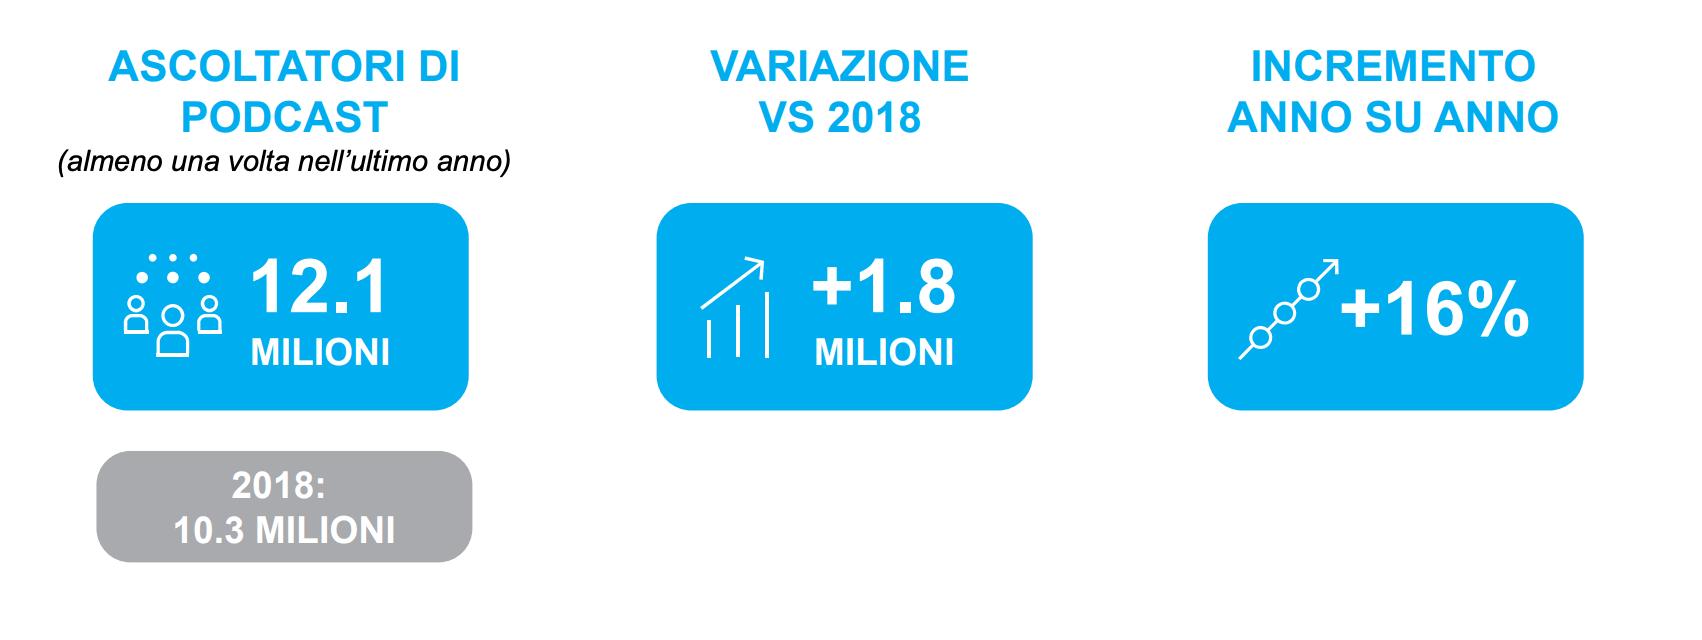 crescita podcast italiano